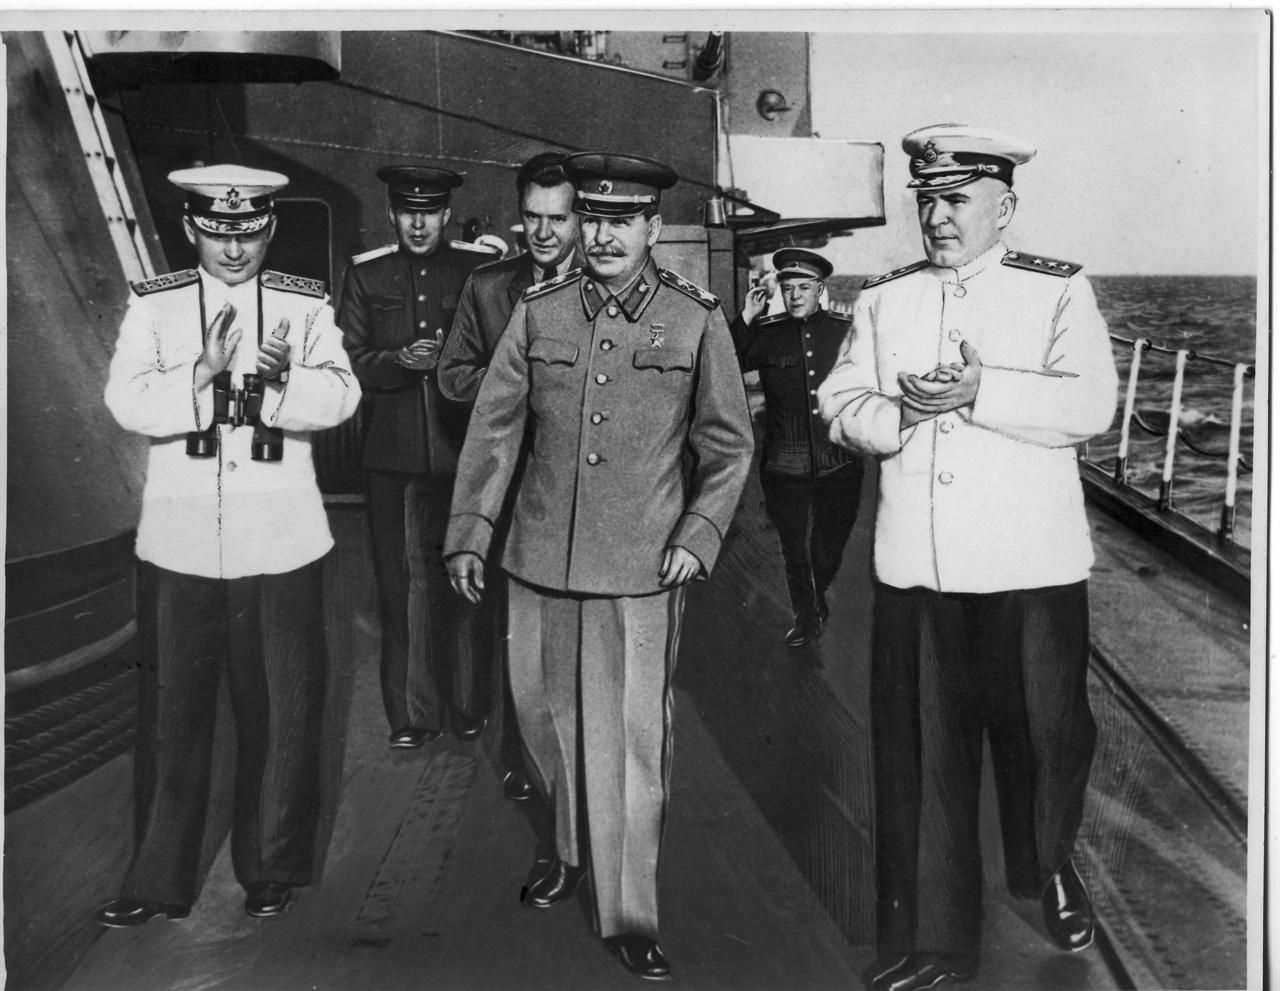 소련의 스탈린(가운데) 수상이 군함을 순시하고 있다.